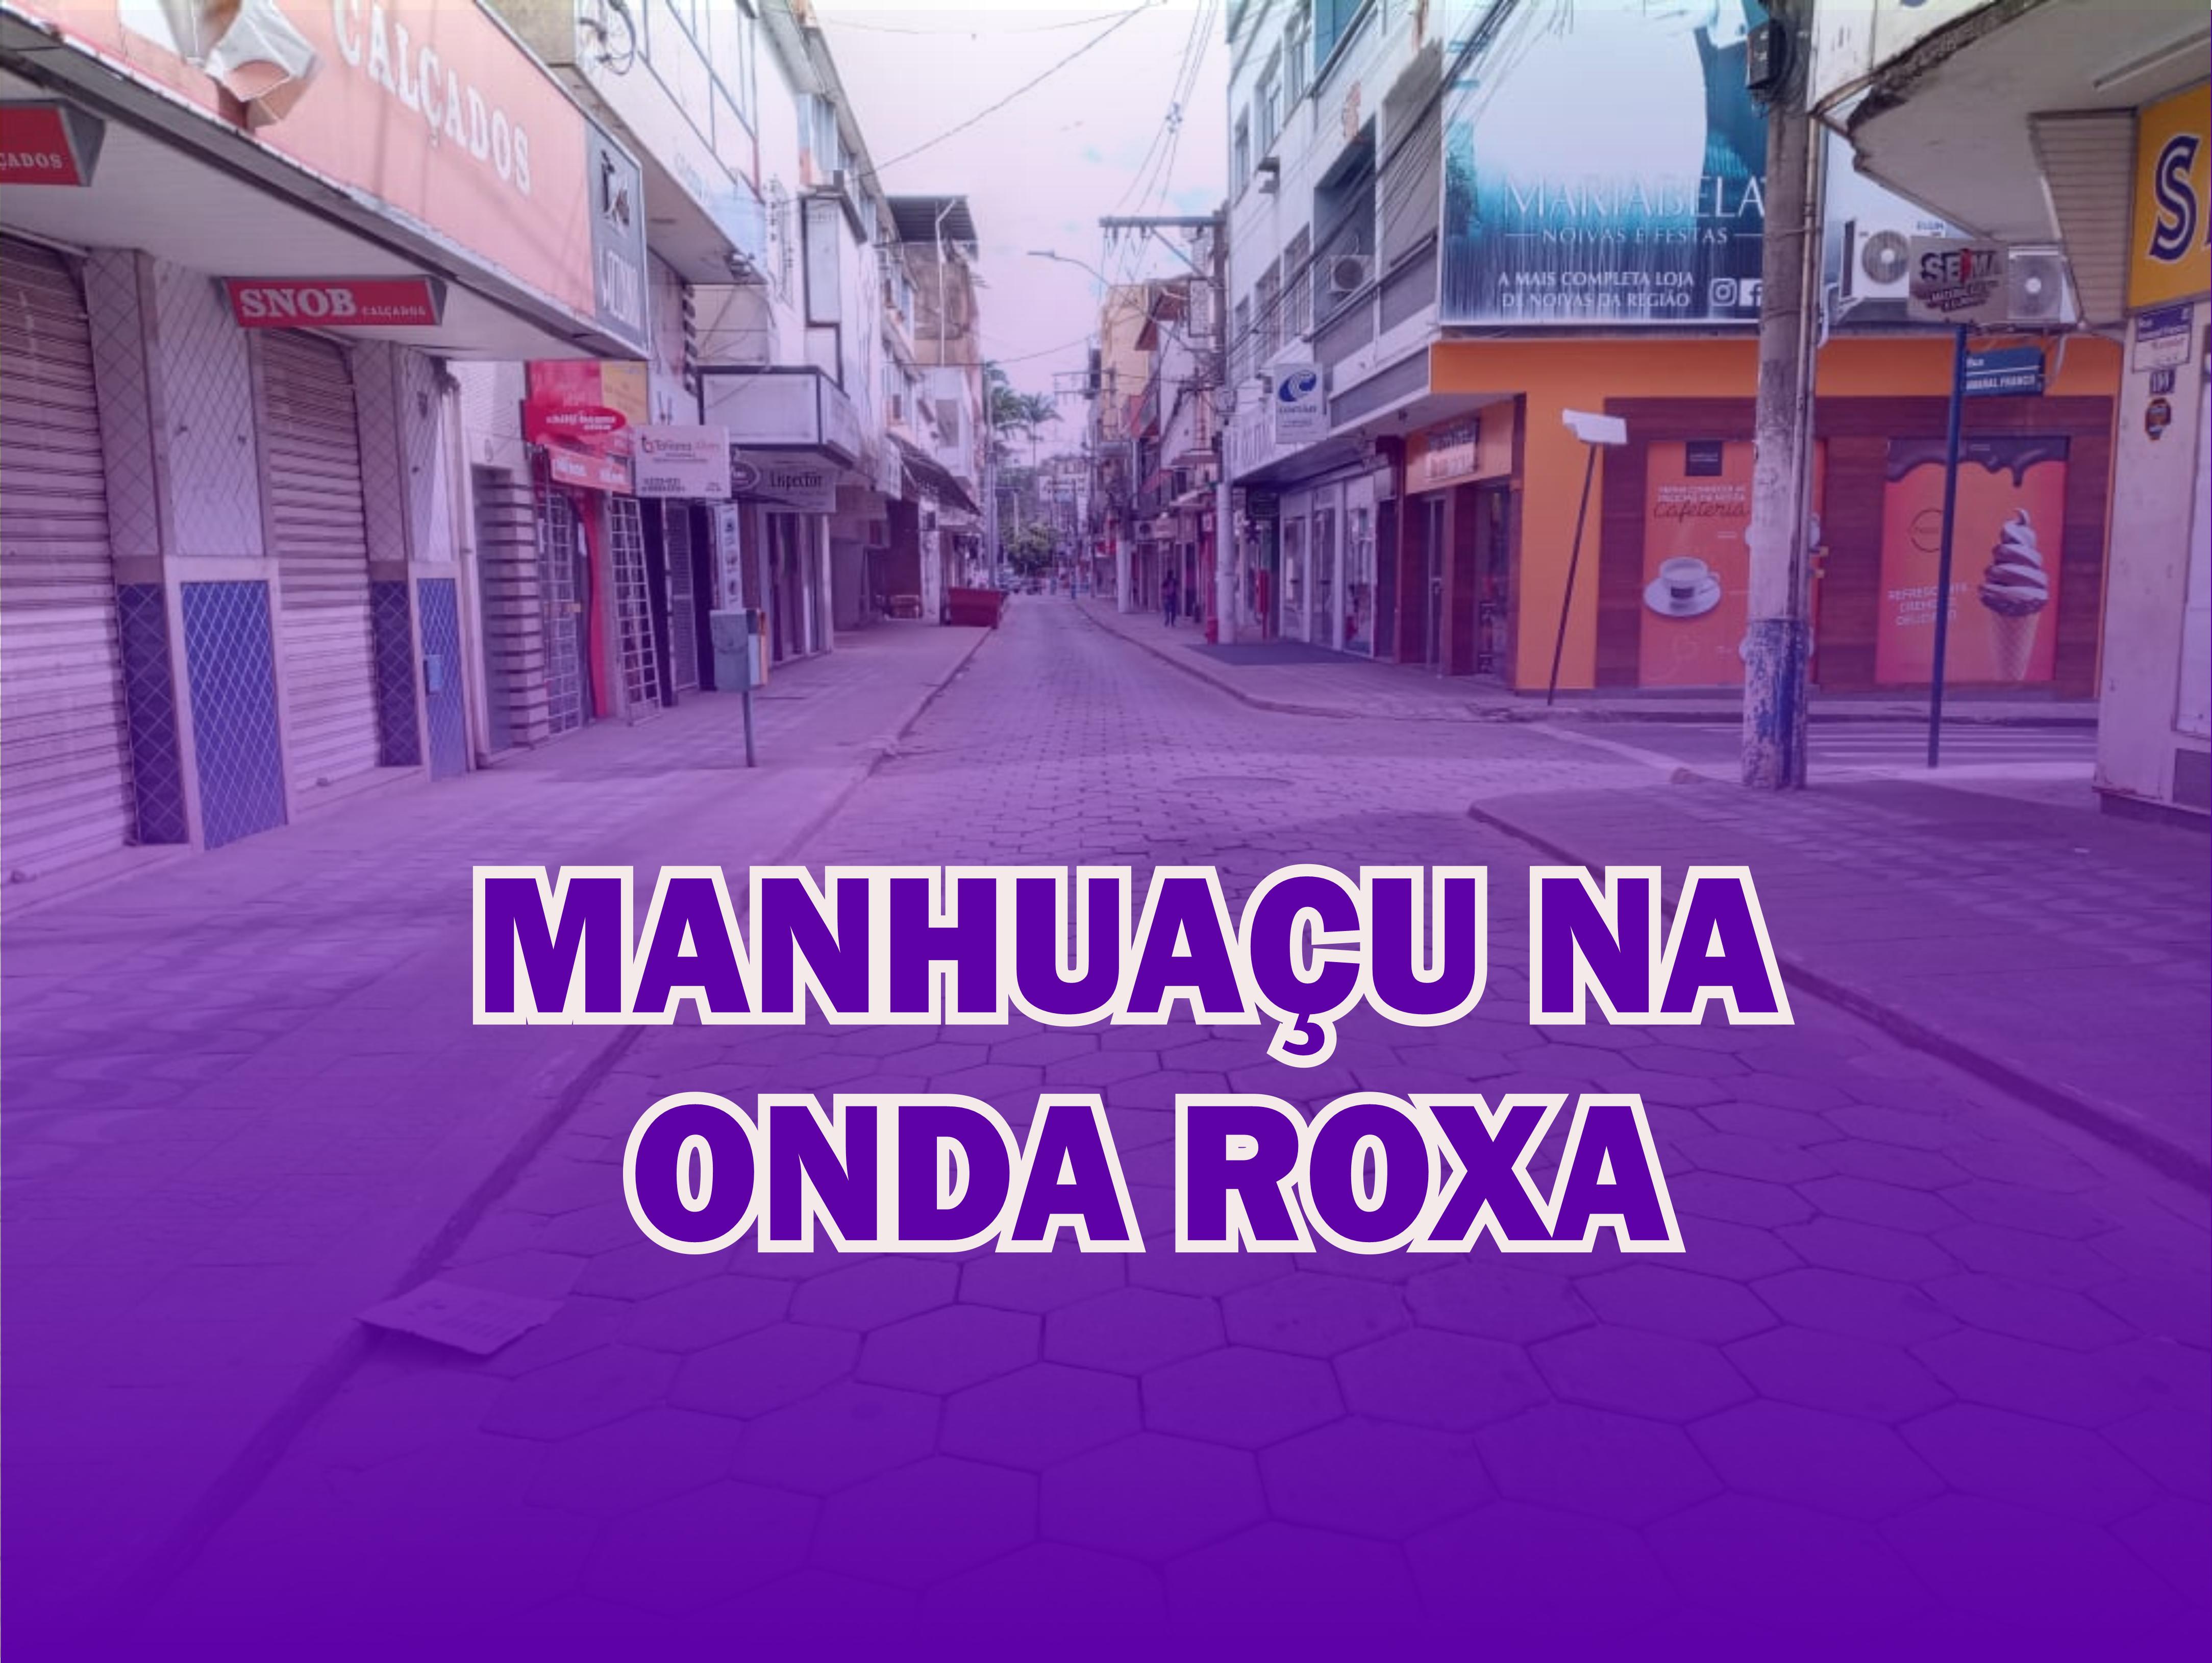 Manhuaçu e outras 22 cidades entra na Onda Roxa e terão mais restrições a partir de quinta